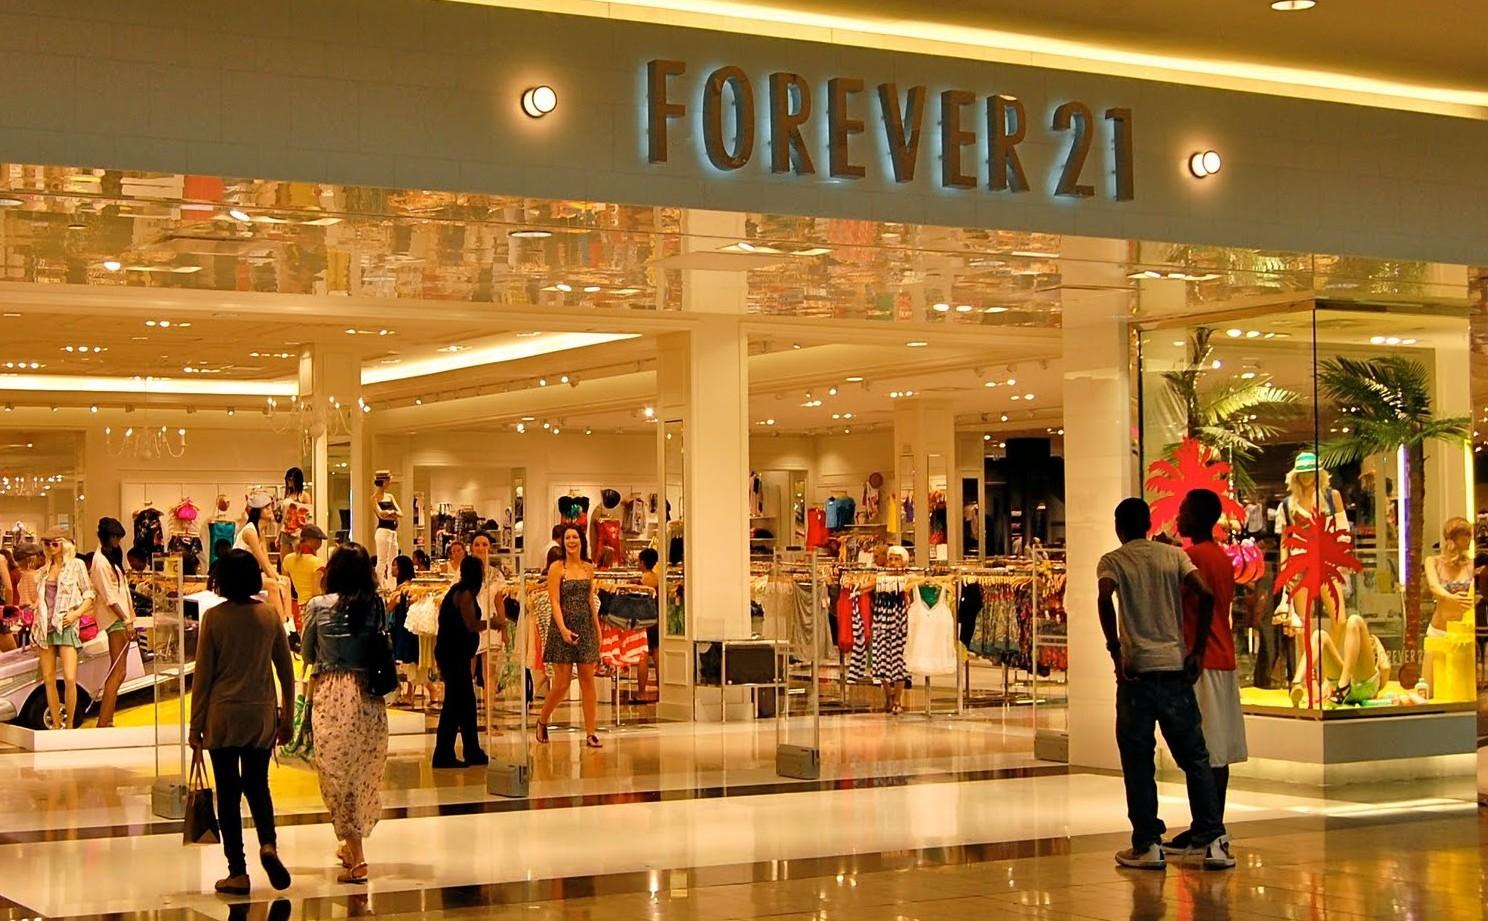 55c8dfe33a9a Поэтому при плановом повышении цен на 3-5% «у руля» модного рынка останутся  бренды, предлагающие универсальную одежду всех категорий, для мужчин и  женщин, ...